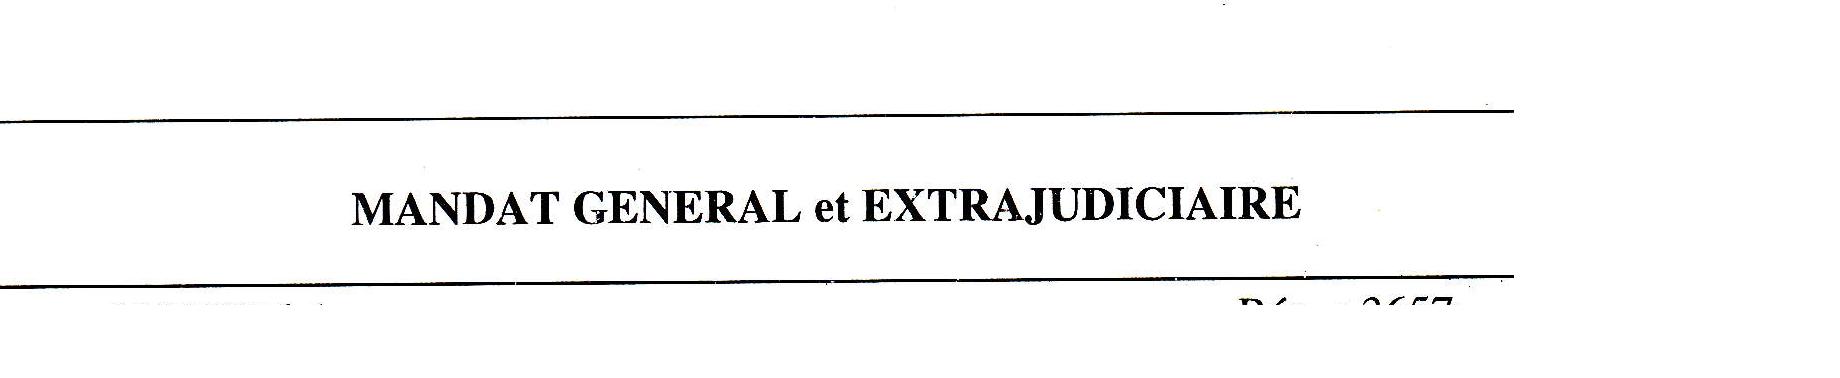 mandat_extrajudiciaire.png